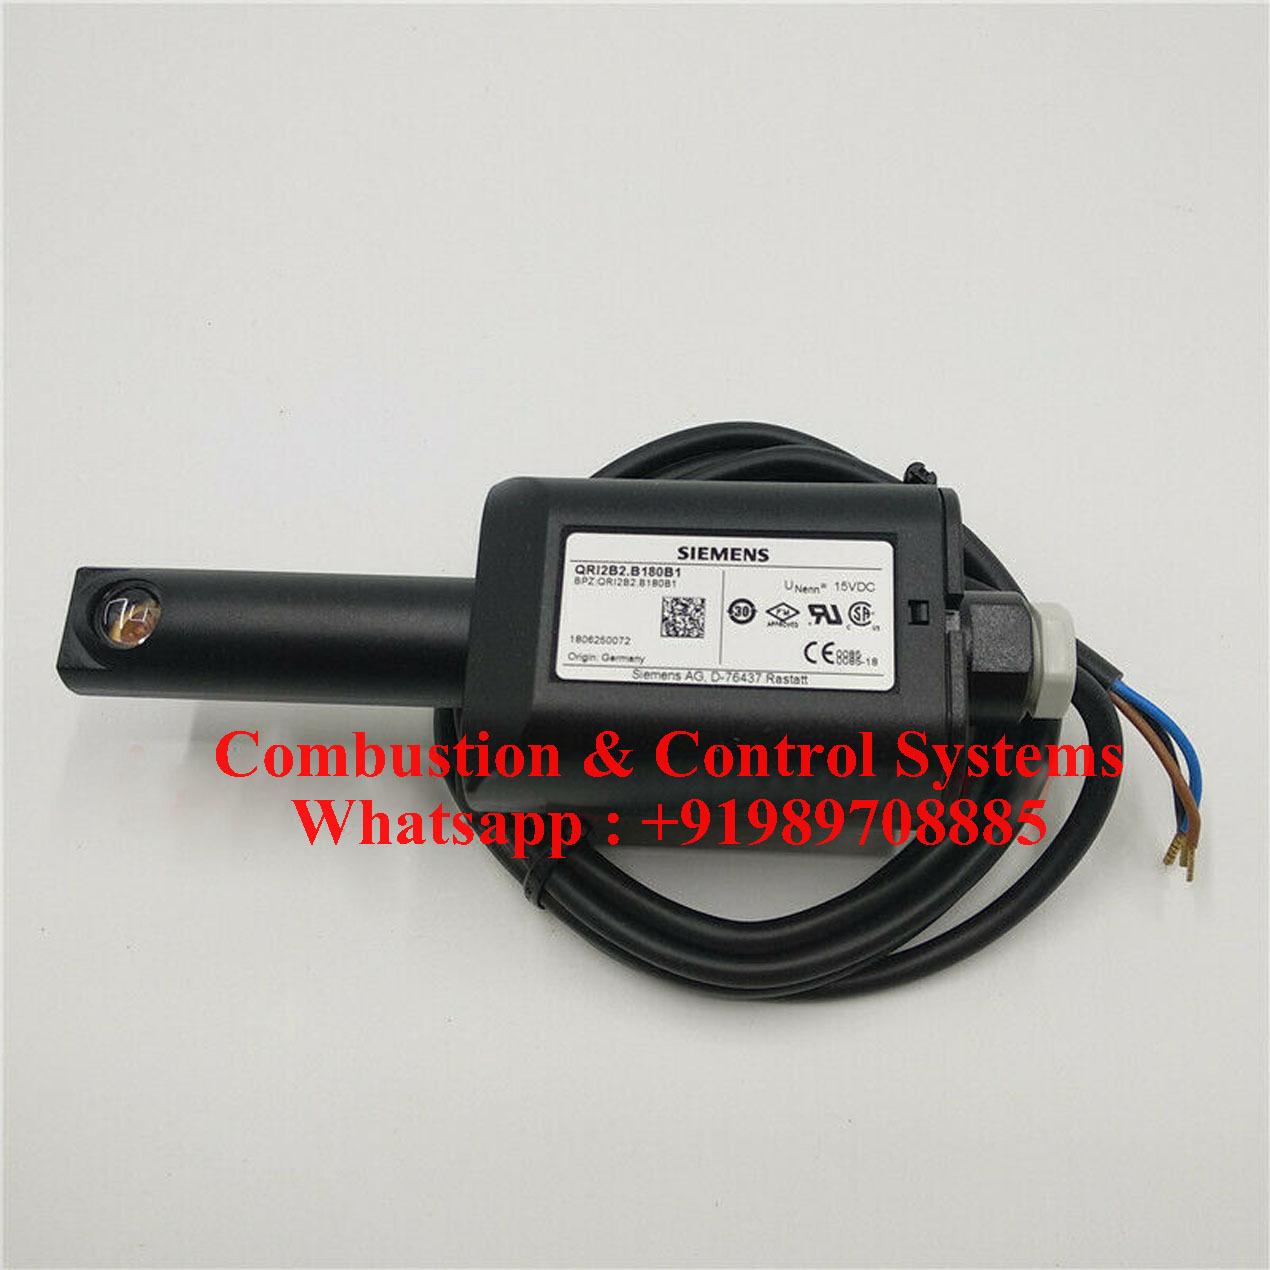 Siemens QRI2B2.B180B1 Infrared Flame Detector